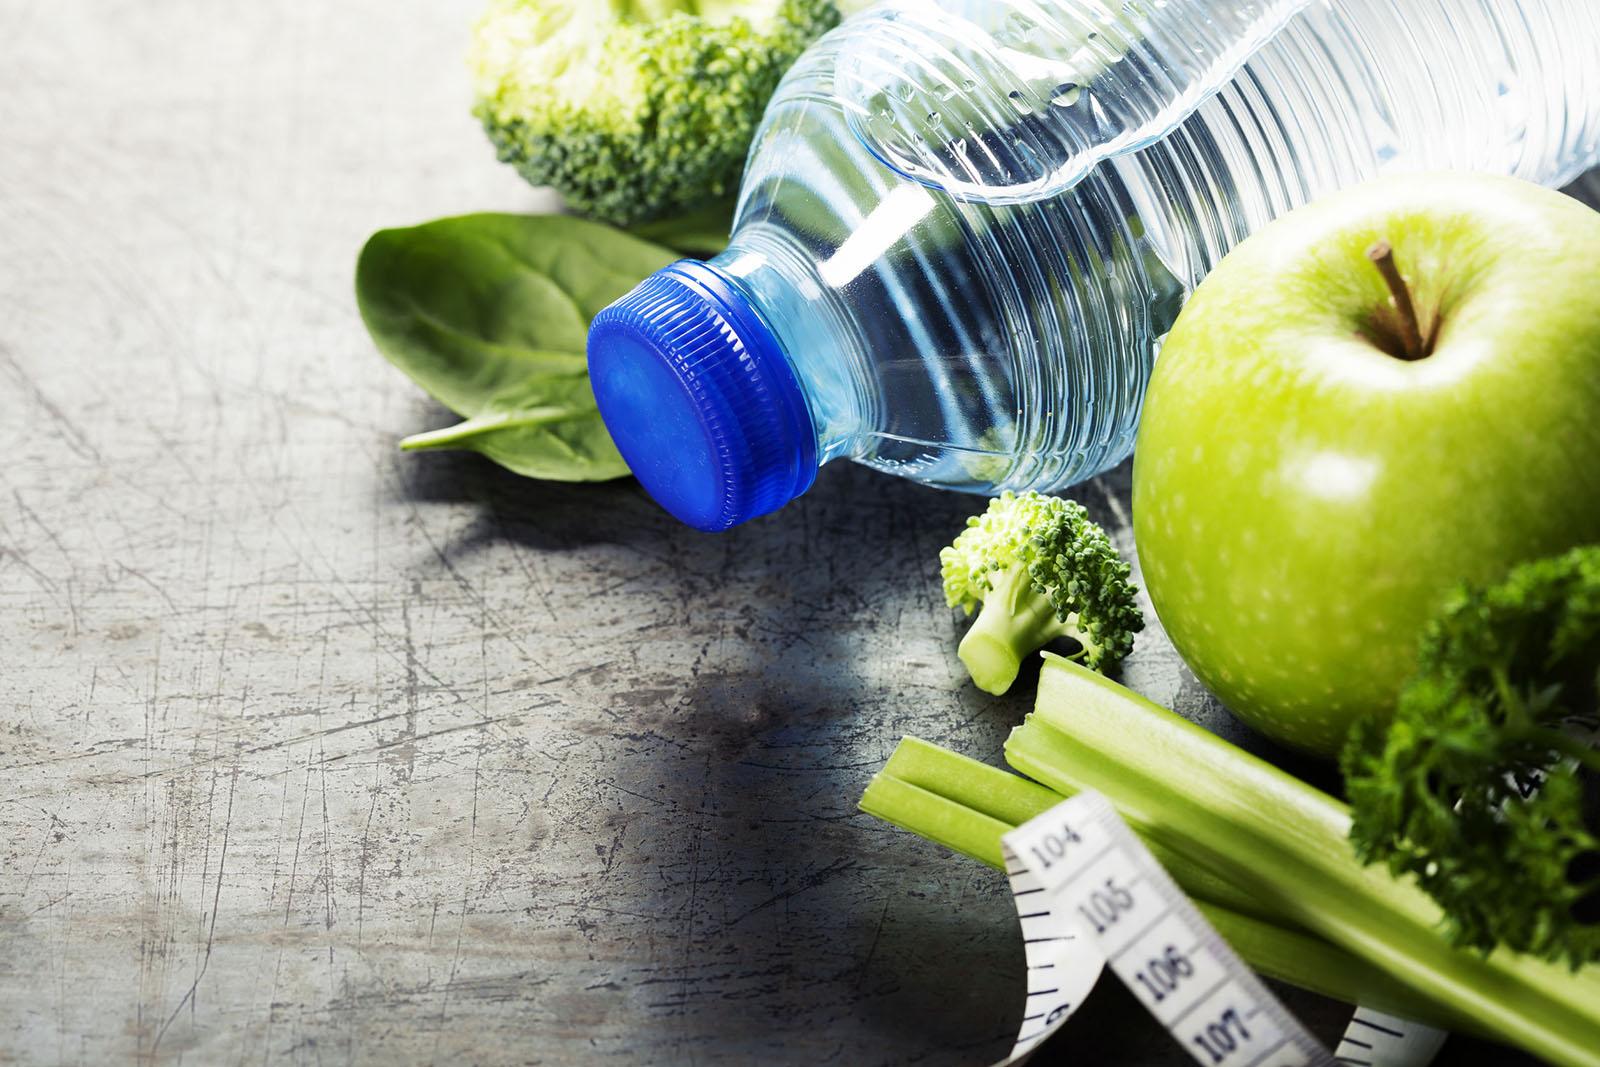 Corinne Fernandez, Diététique & Nutrition, Minceur